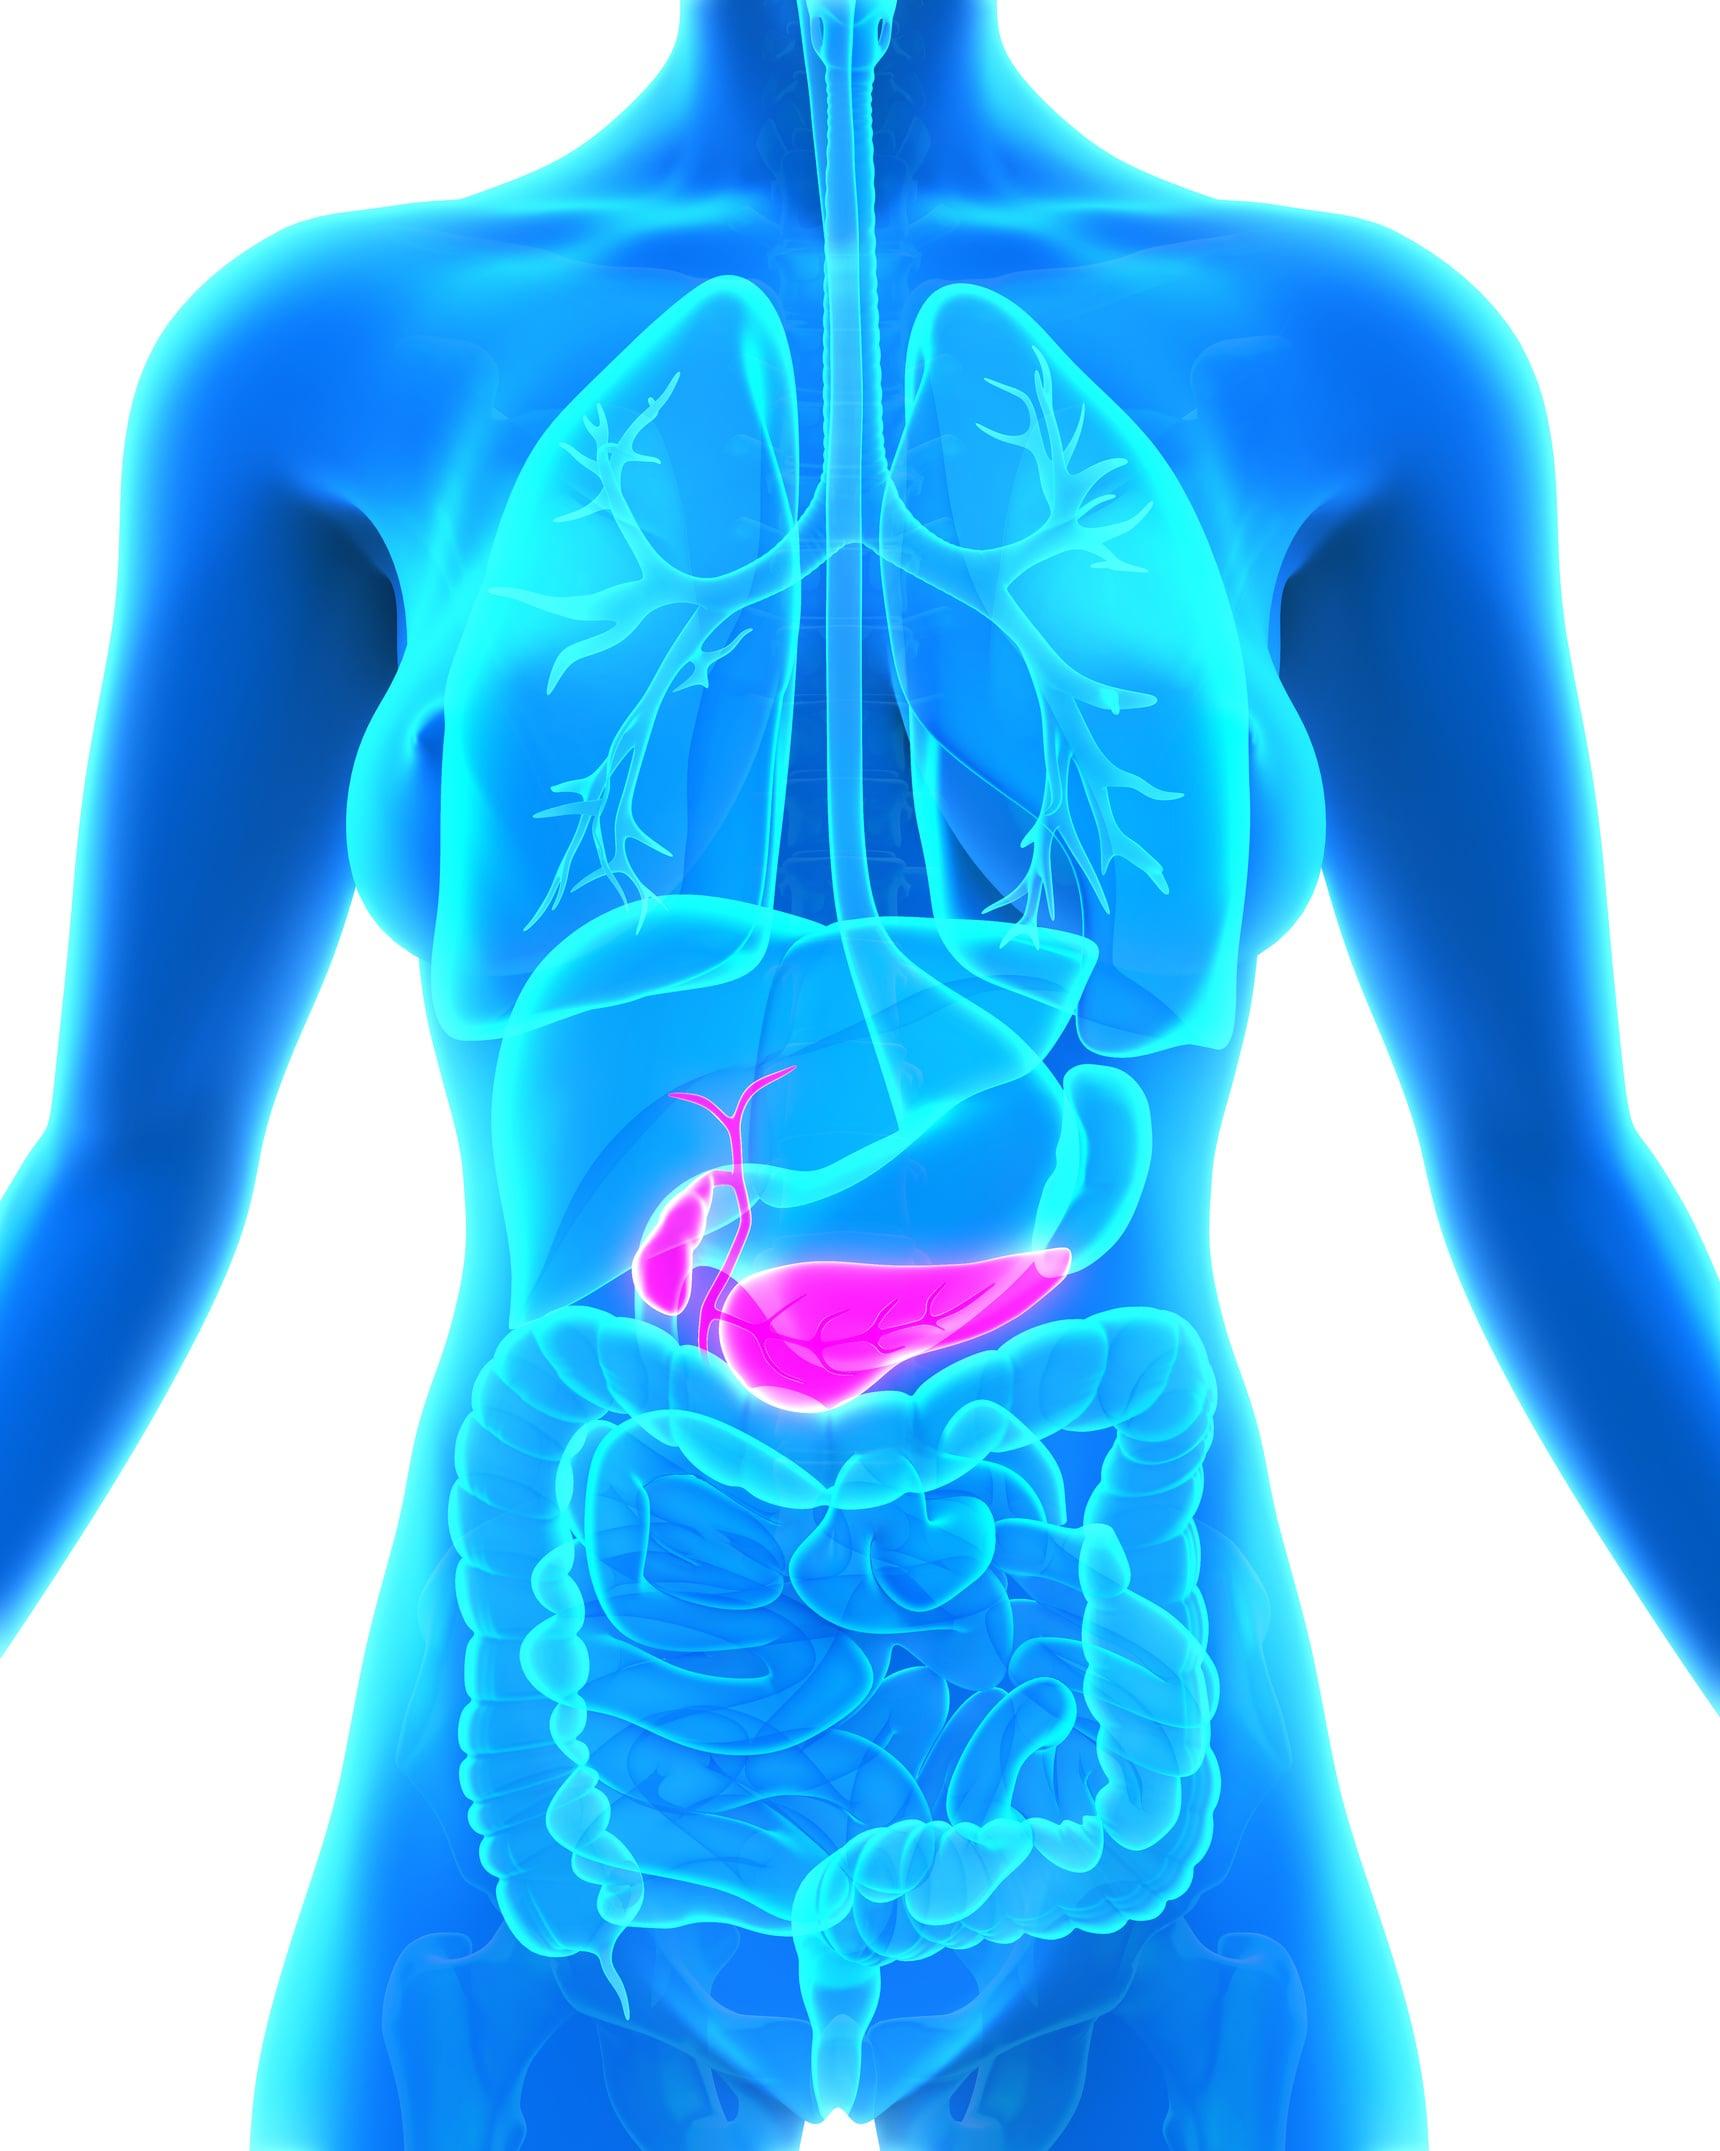 Symptome: Anzeichen für einen Diabetes | Diabetes Ratgeber